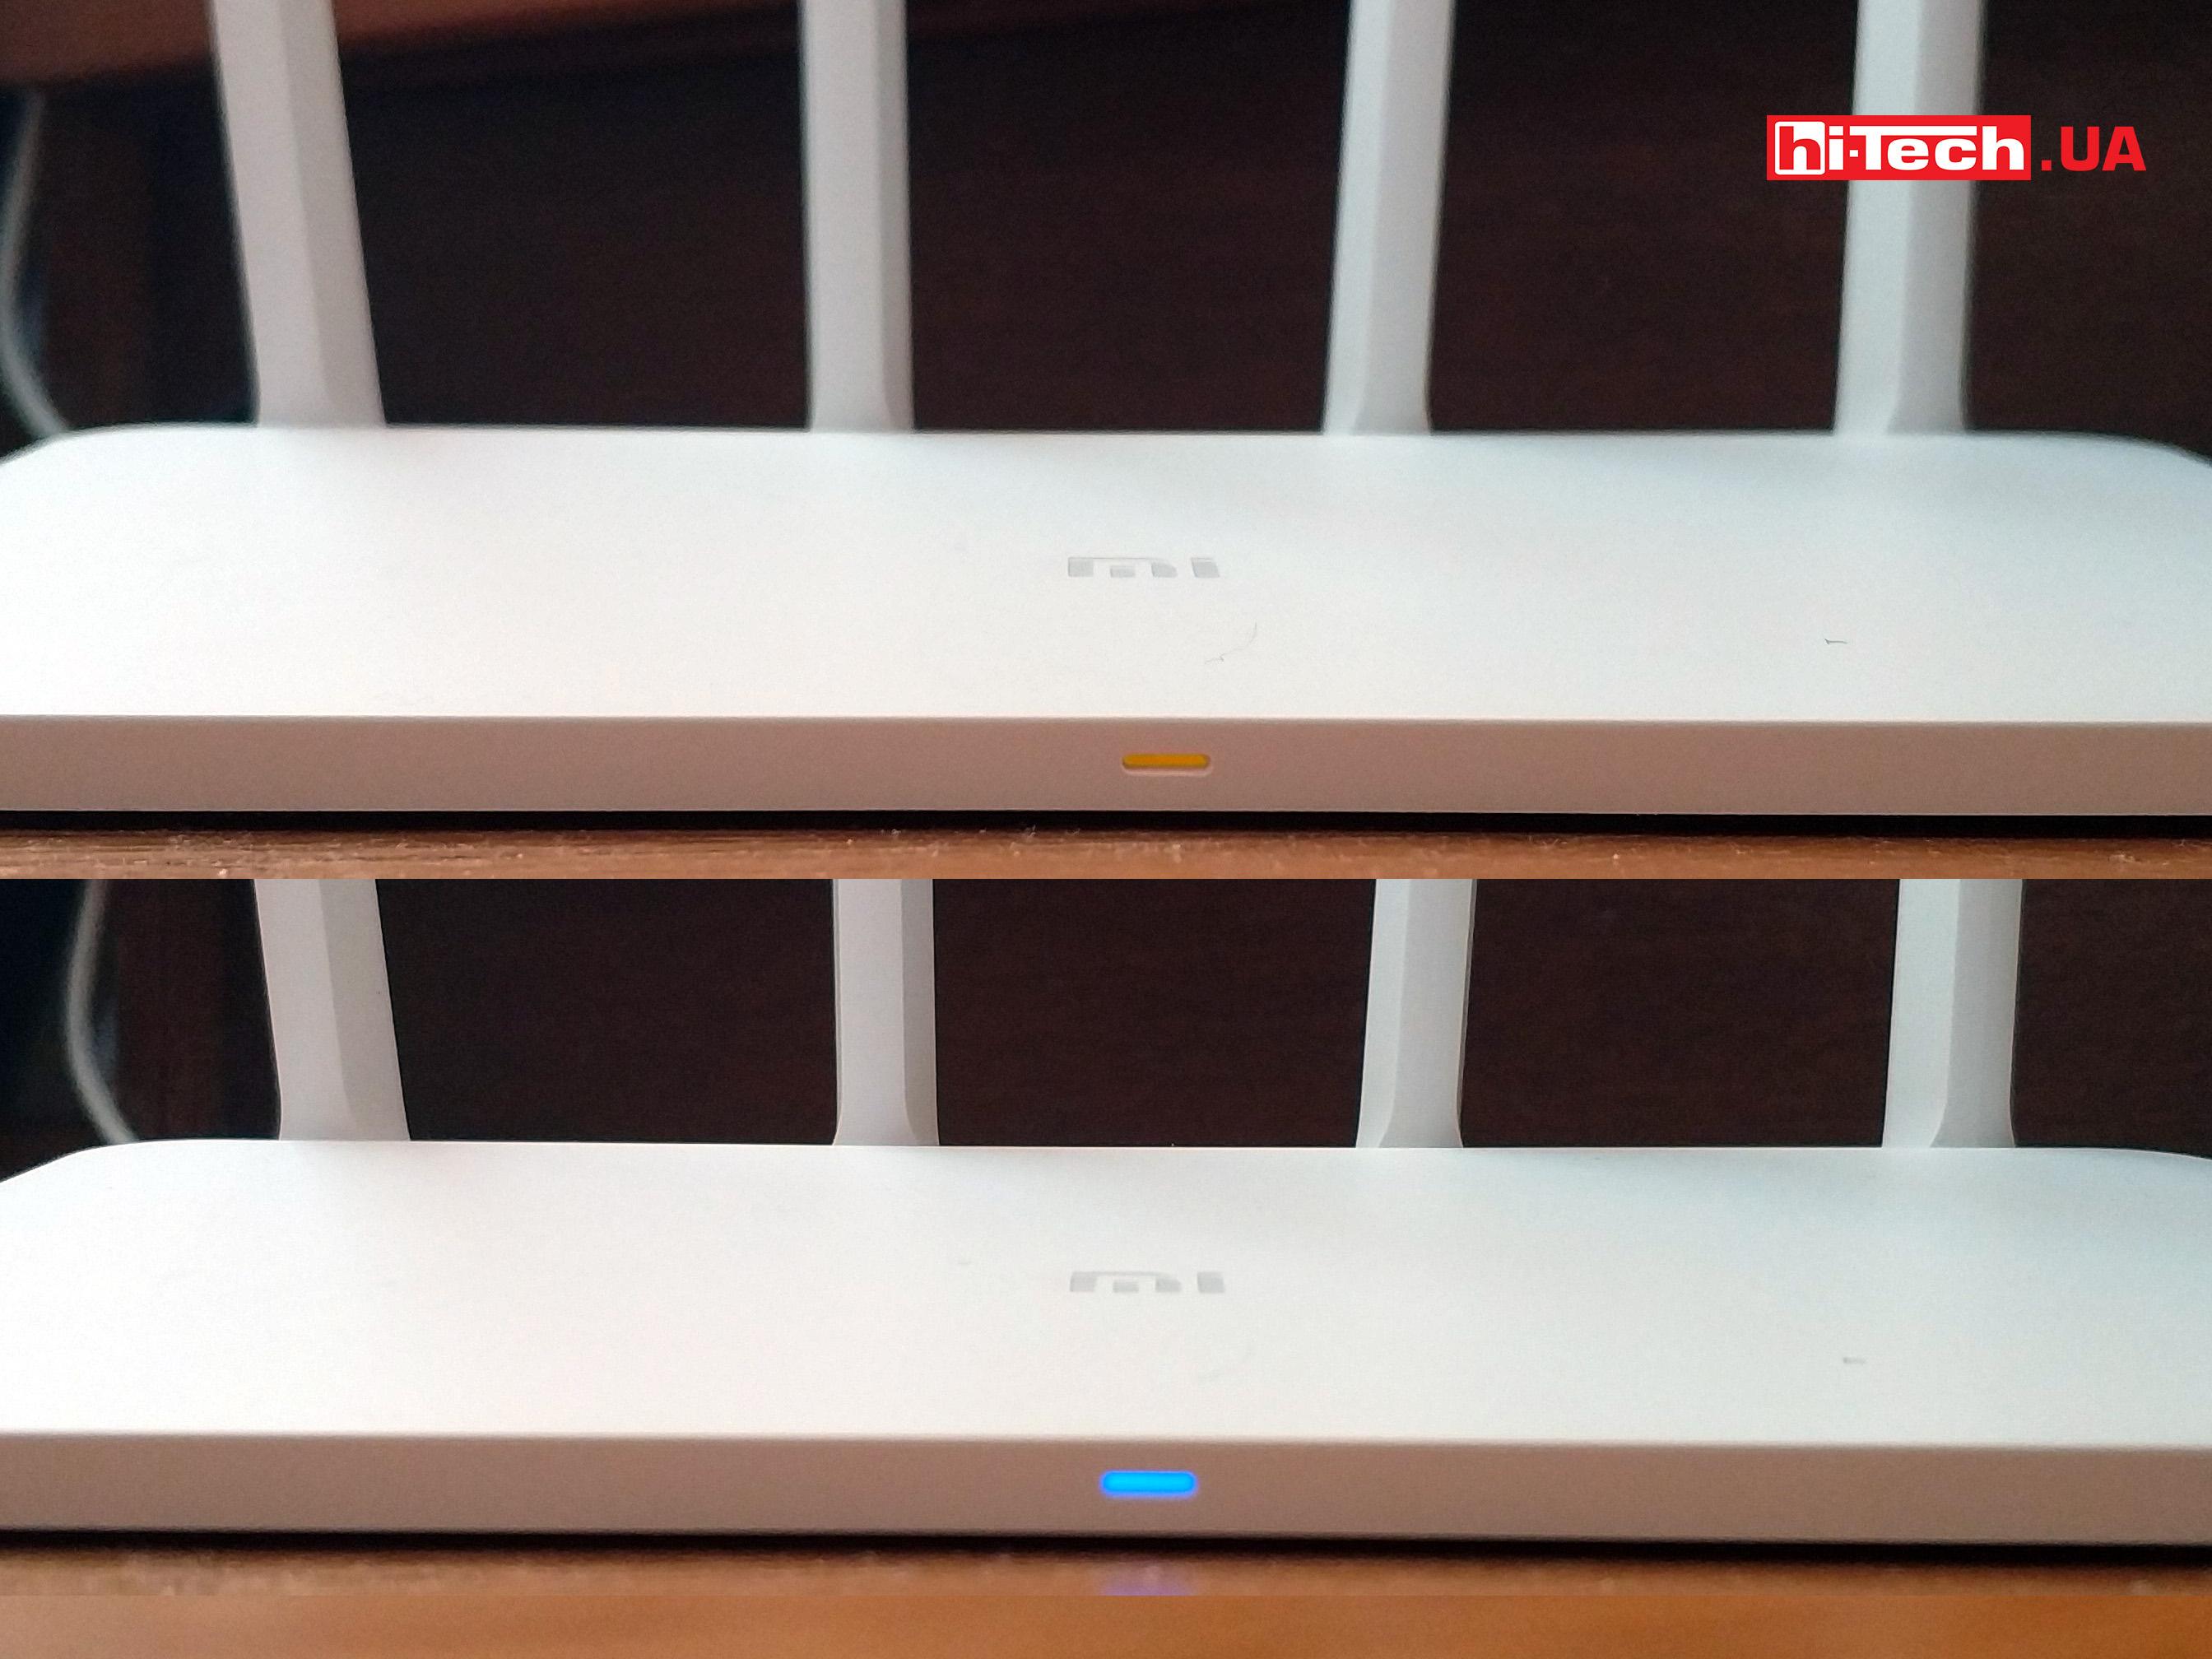 Xiaomi Mi Router 3C 06